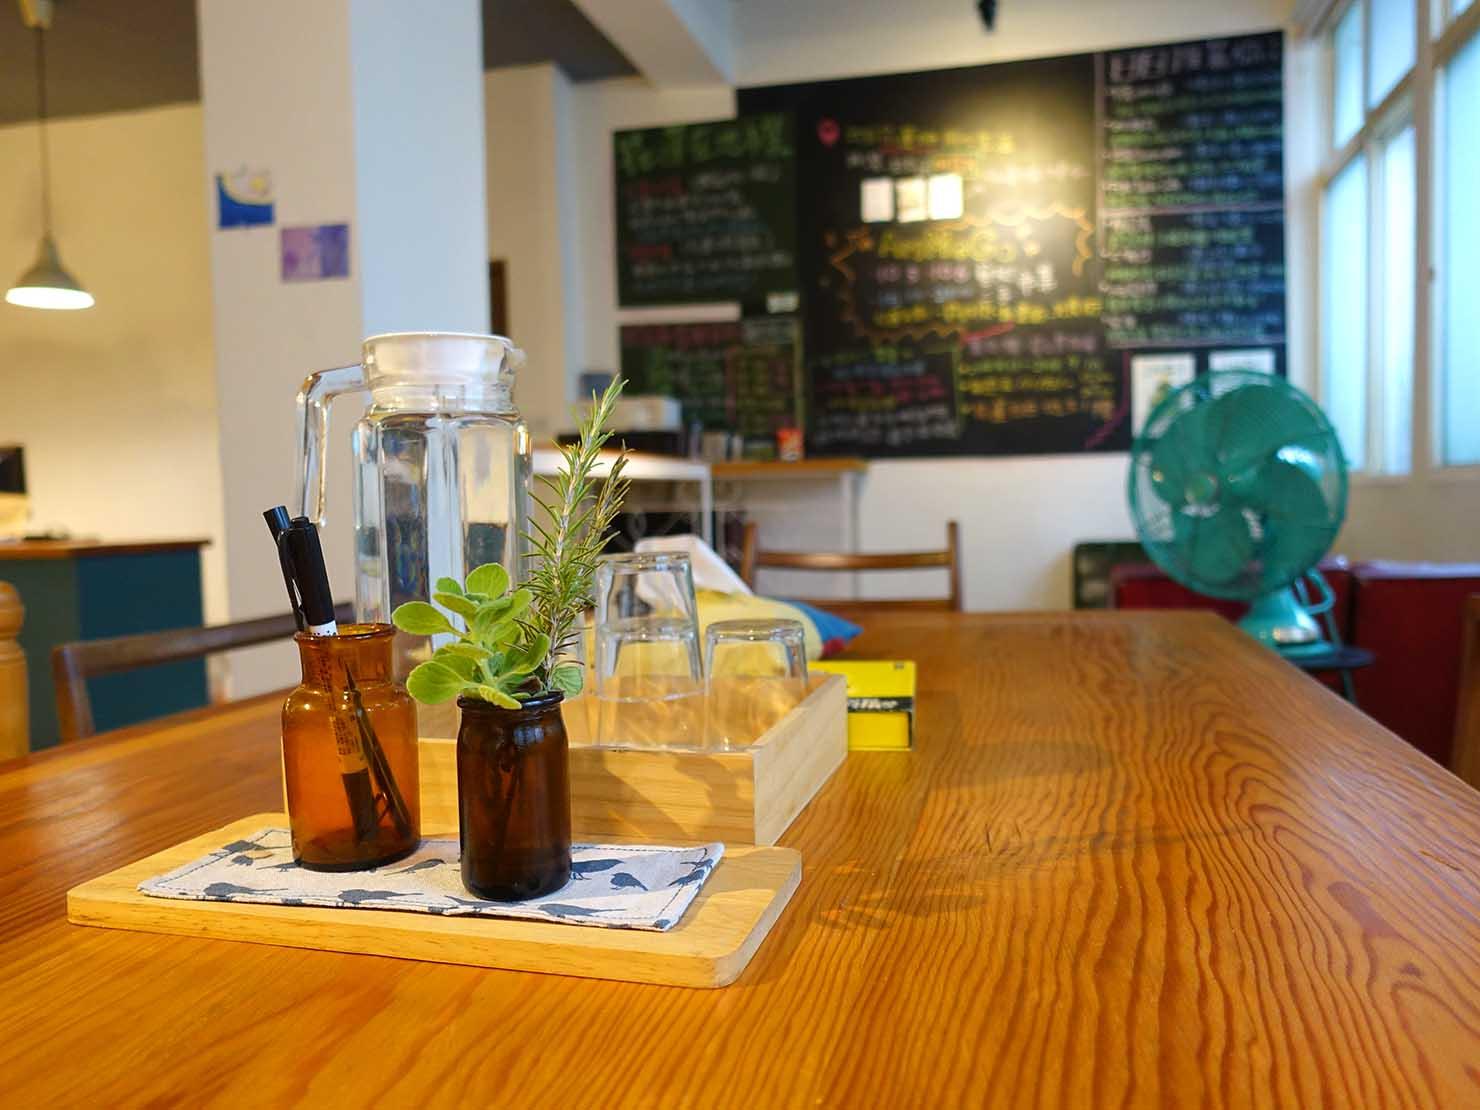 花蓮市街中心部のレトロかわいいおすすめゲストハウス「花蓮日日 Hualien dairy」のダイニングテーブル